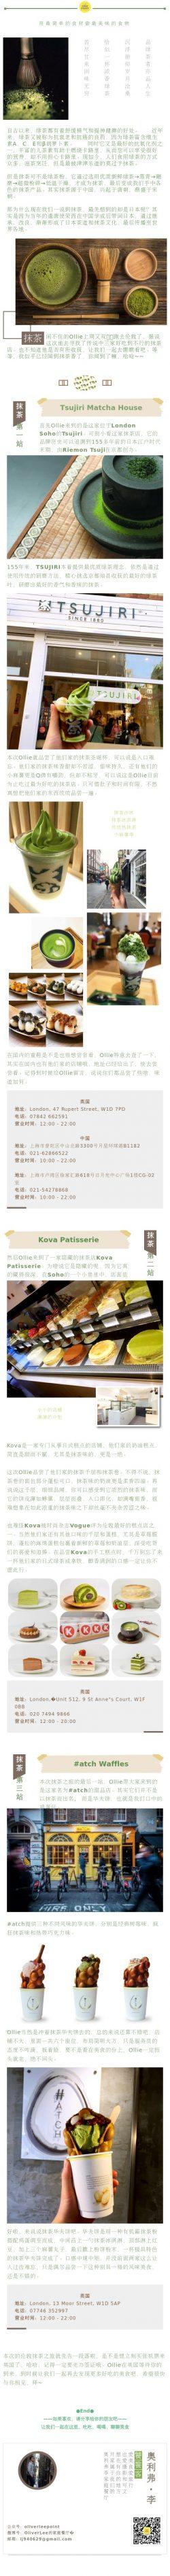 绿茶抹茶色美食单品介绍微信图文模板